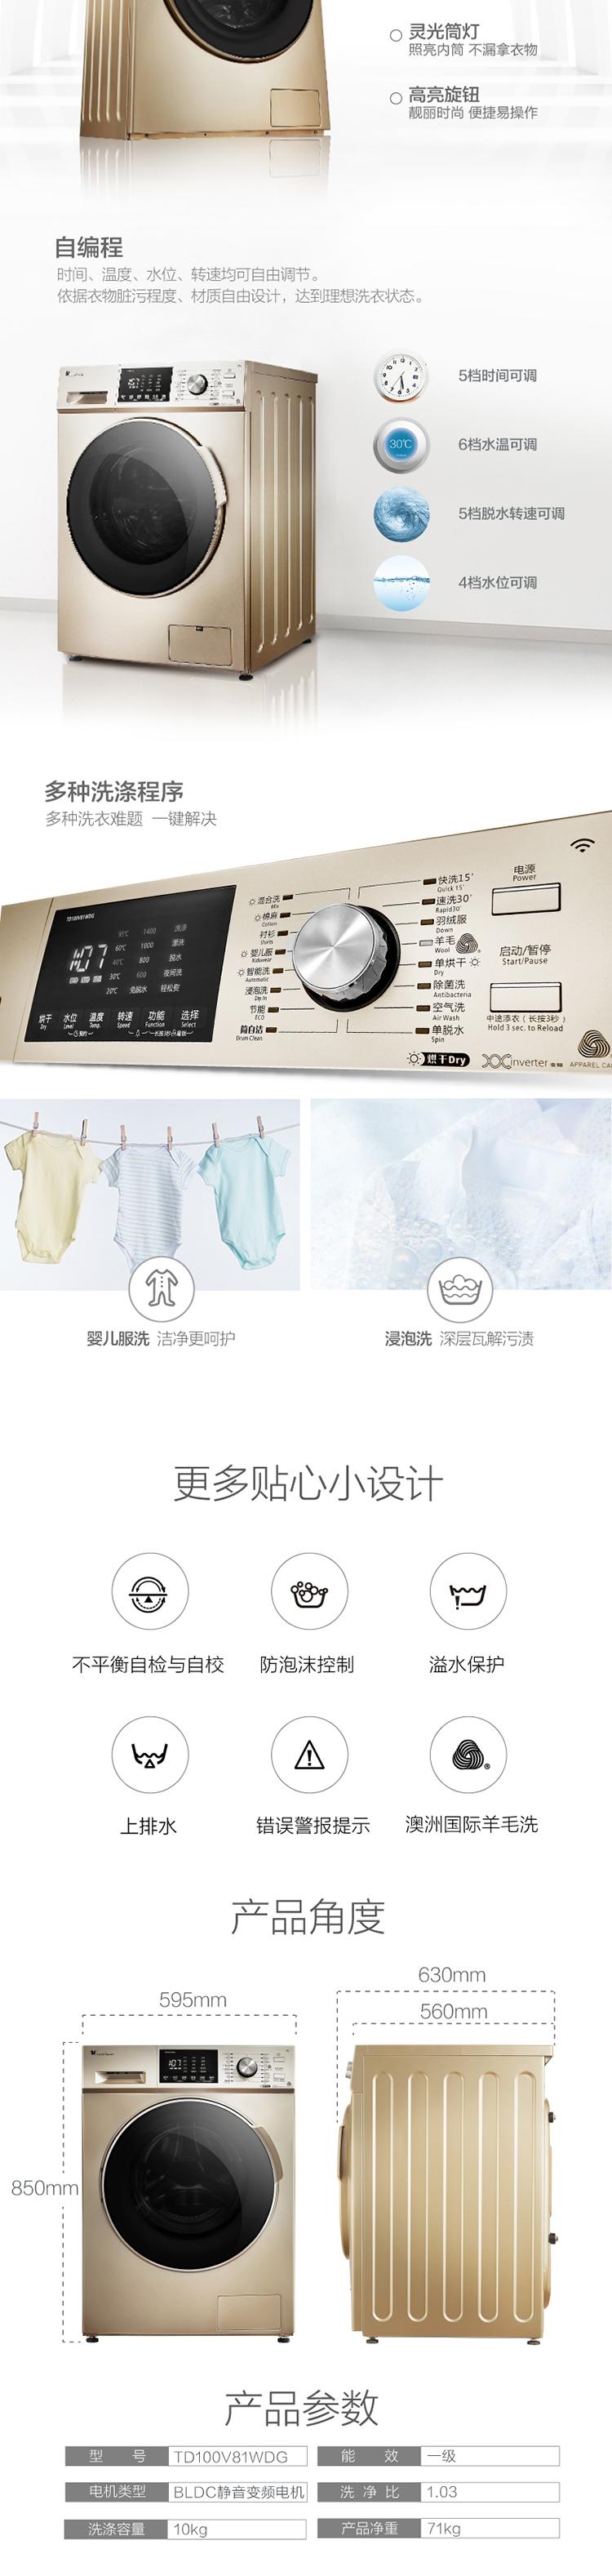 TD100V81WDG-750_看圖王.jpg